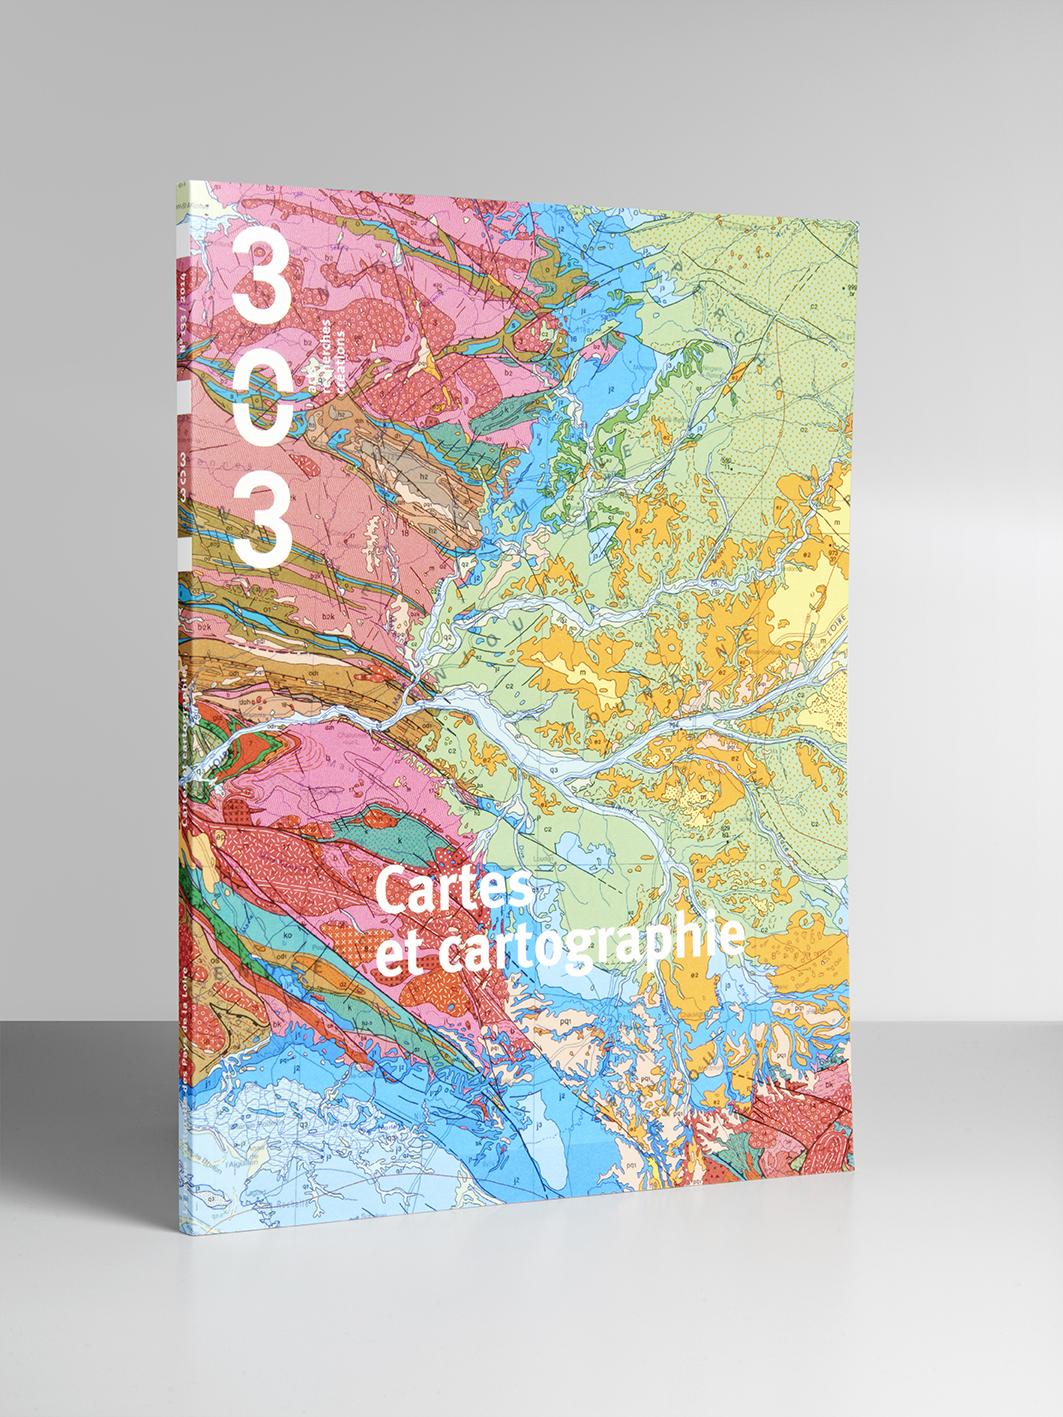 Cartes et cartographie Editions 303 Revue 303